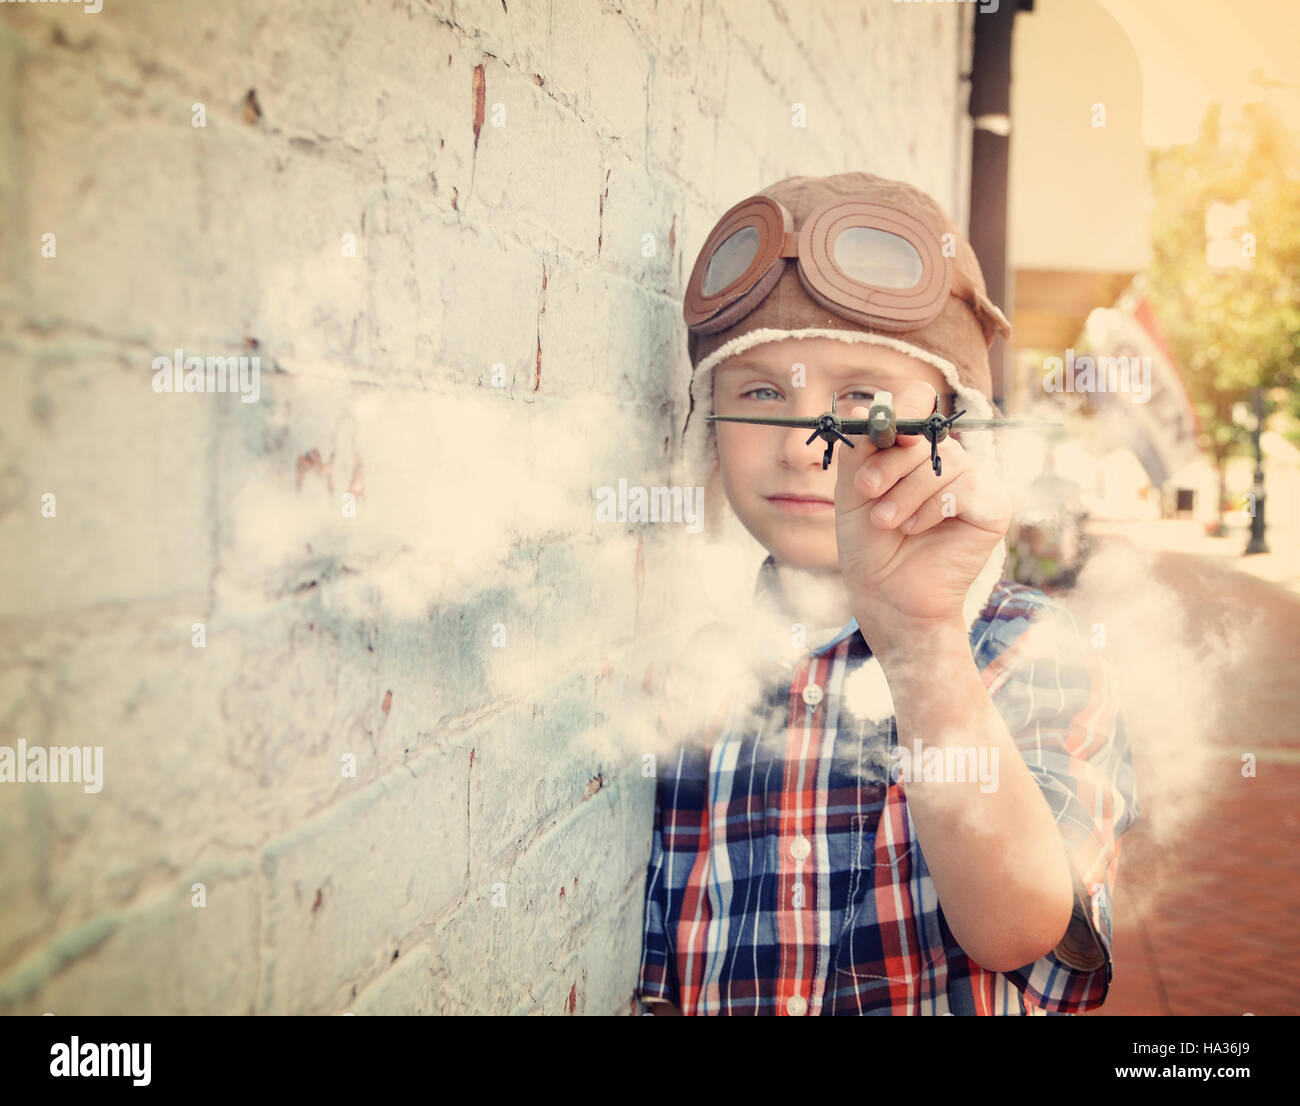 Un giovane ragazzo si finge di essere un pilota e giocare con un giocattolo aereo contro un muro di mattoni per Immagini Stock